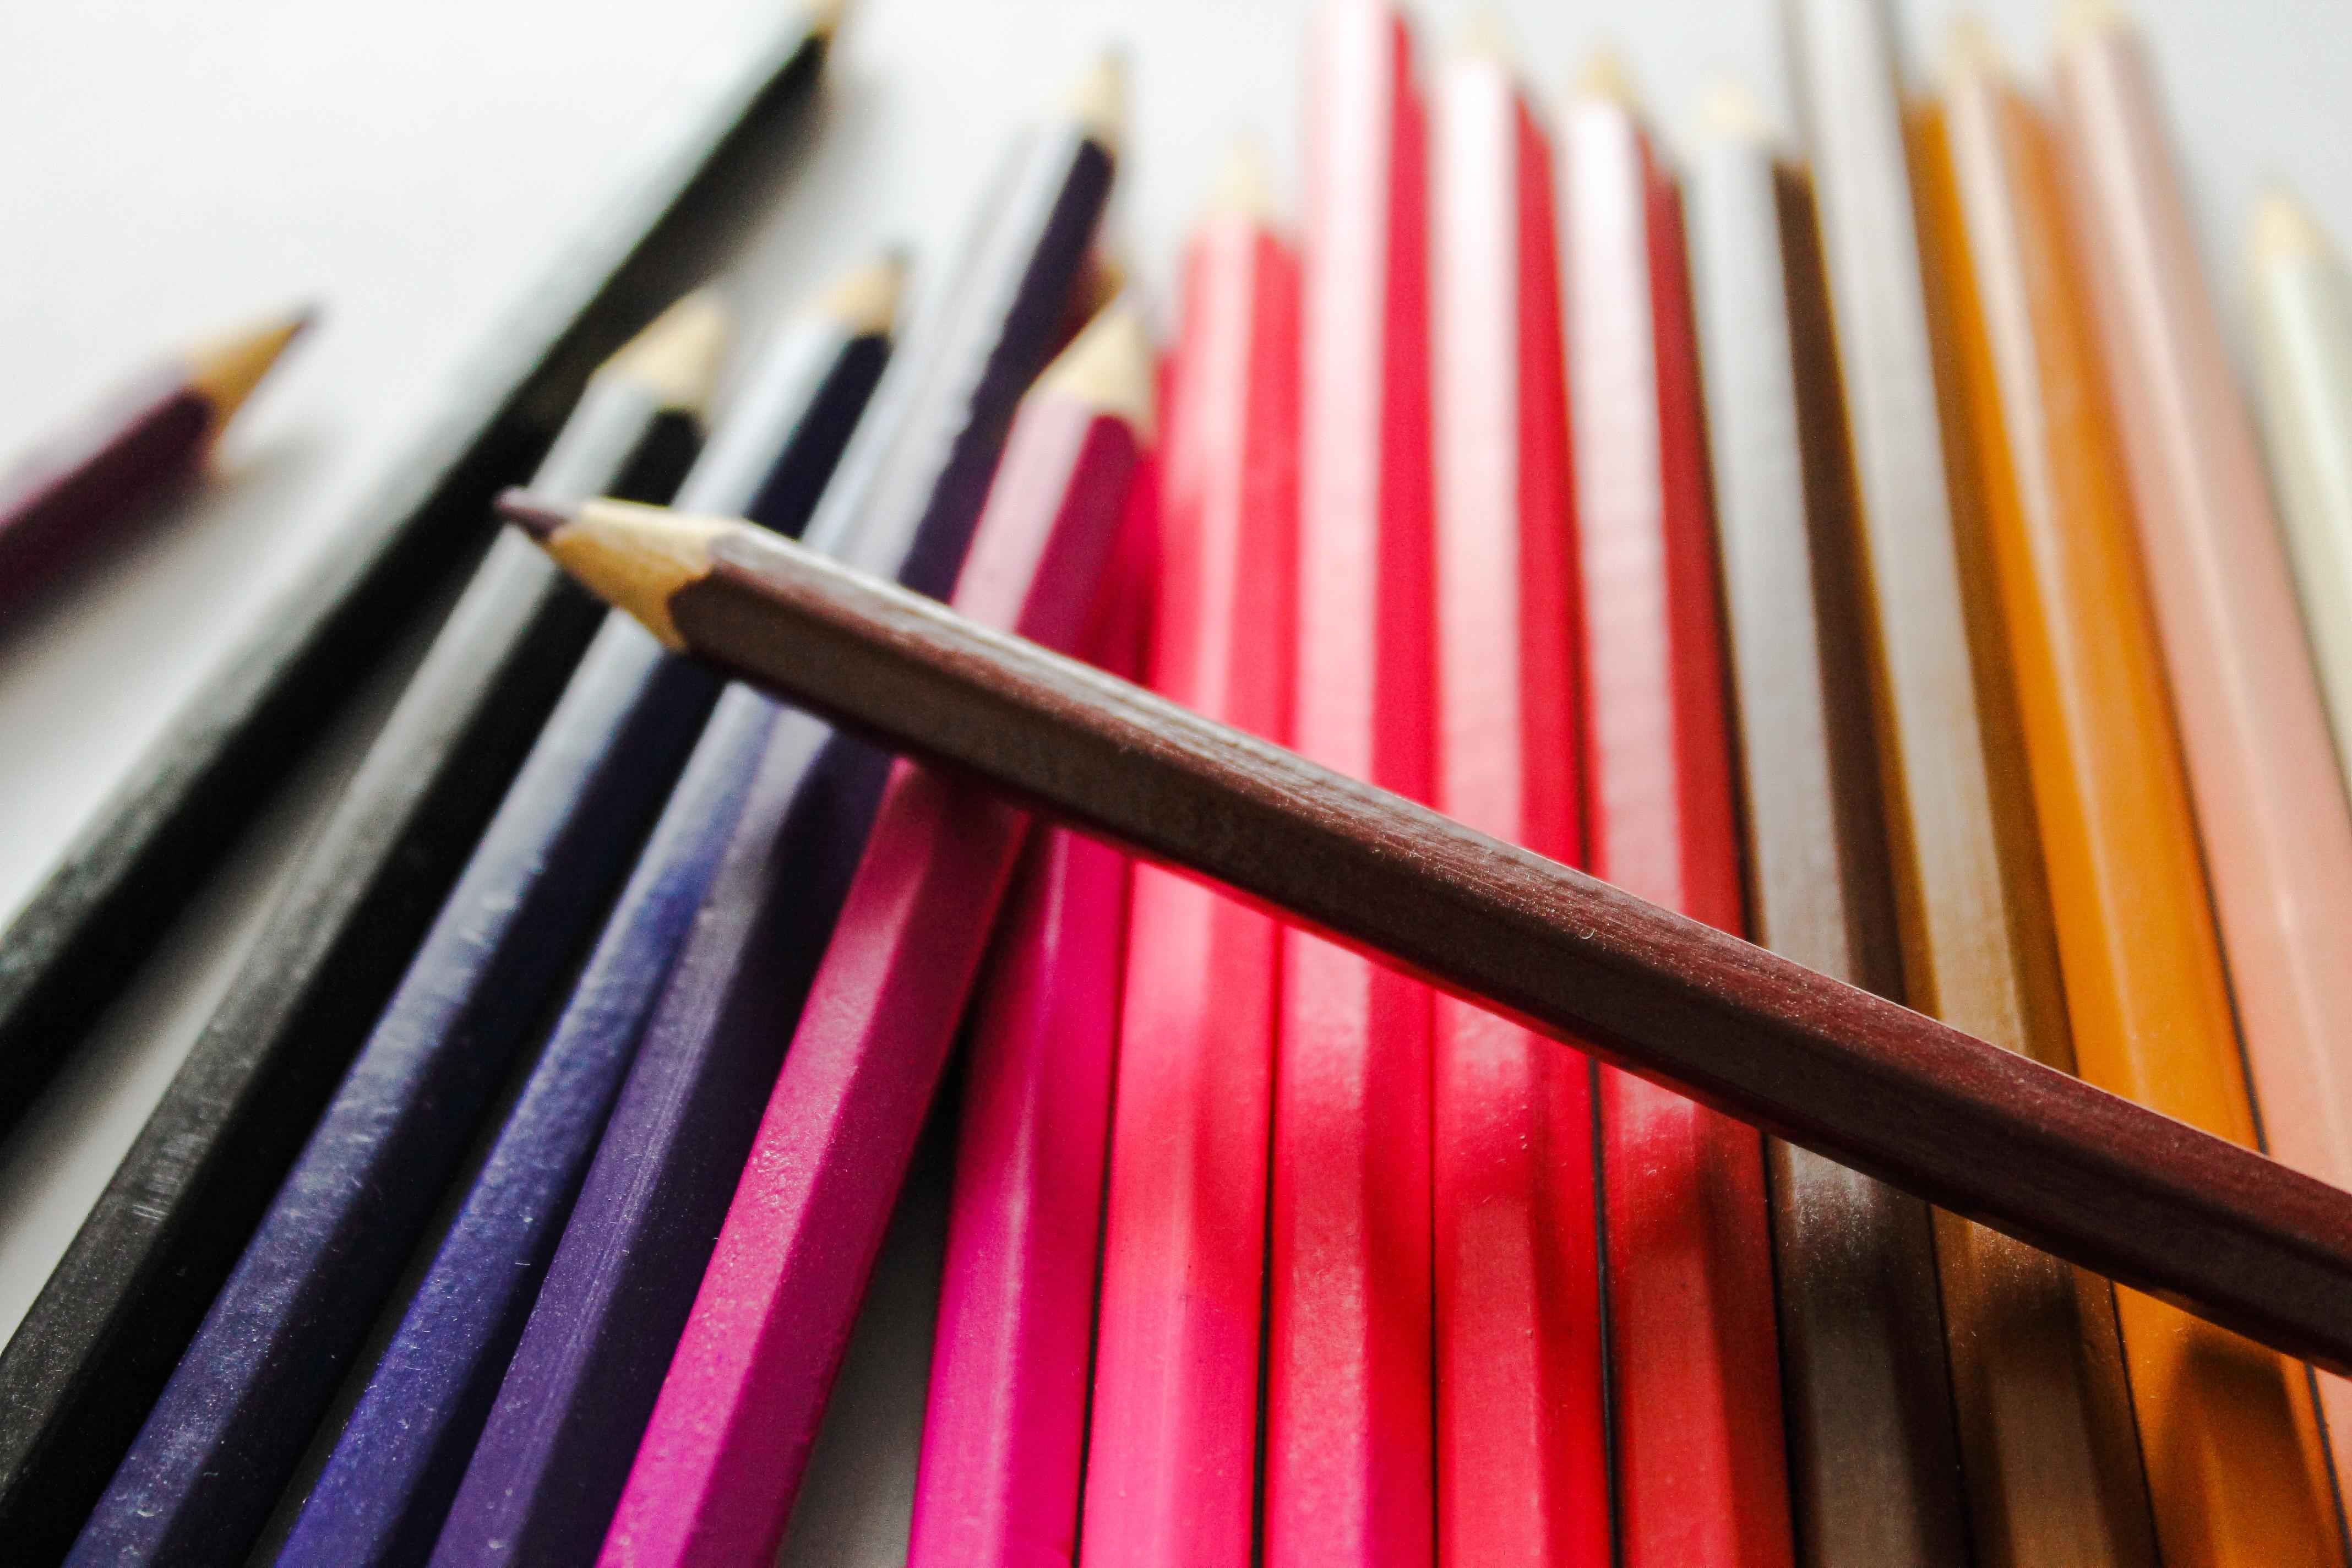 Fotos gratis : escritura, lápiz, blanco, línea, rojo, marrón, azul ...